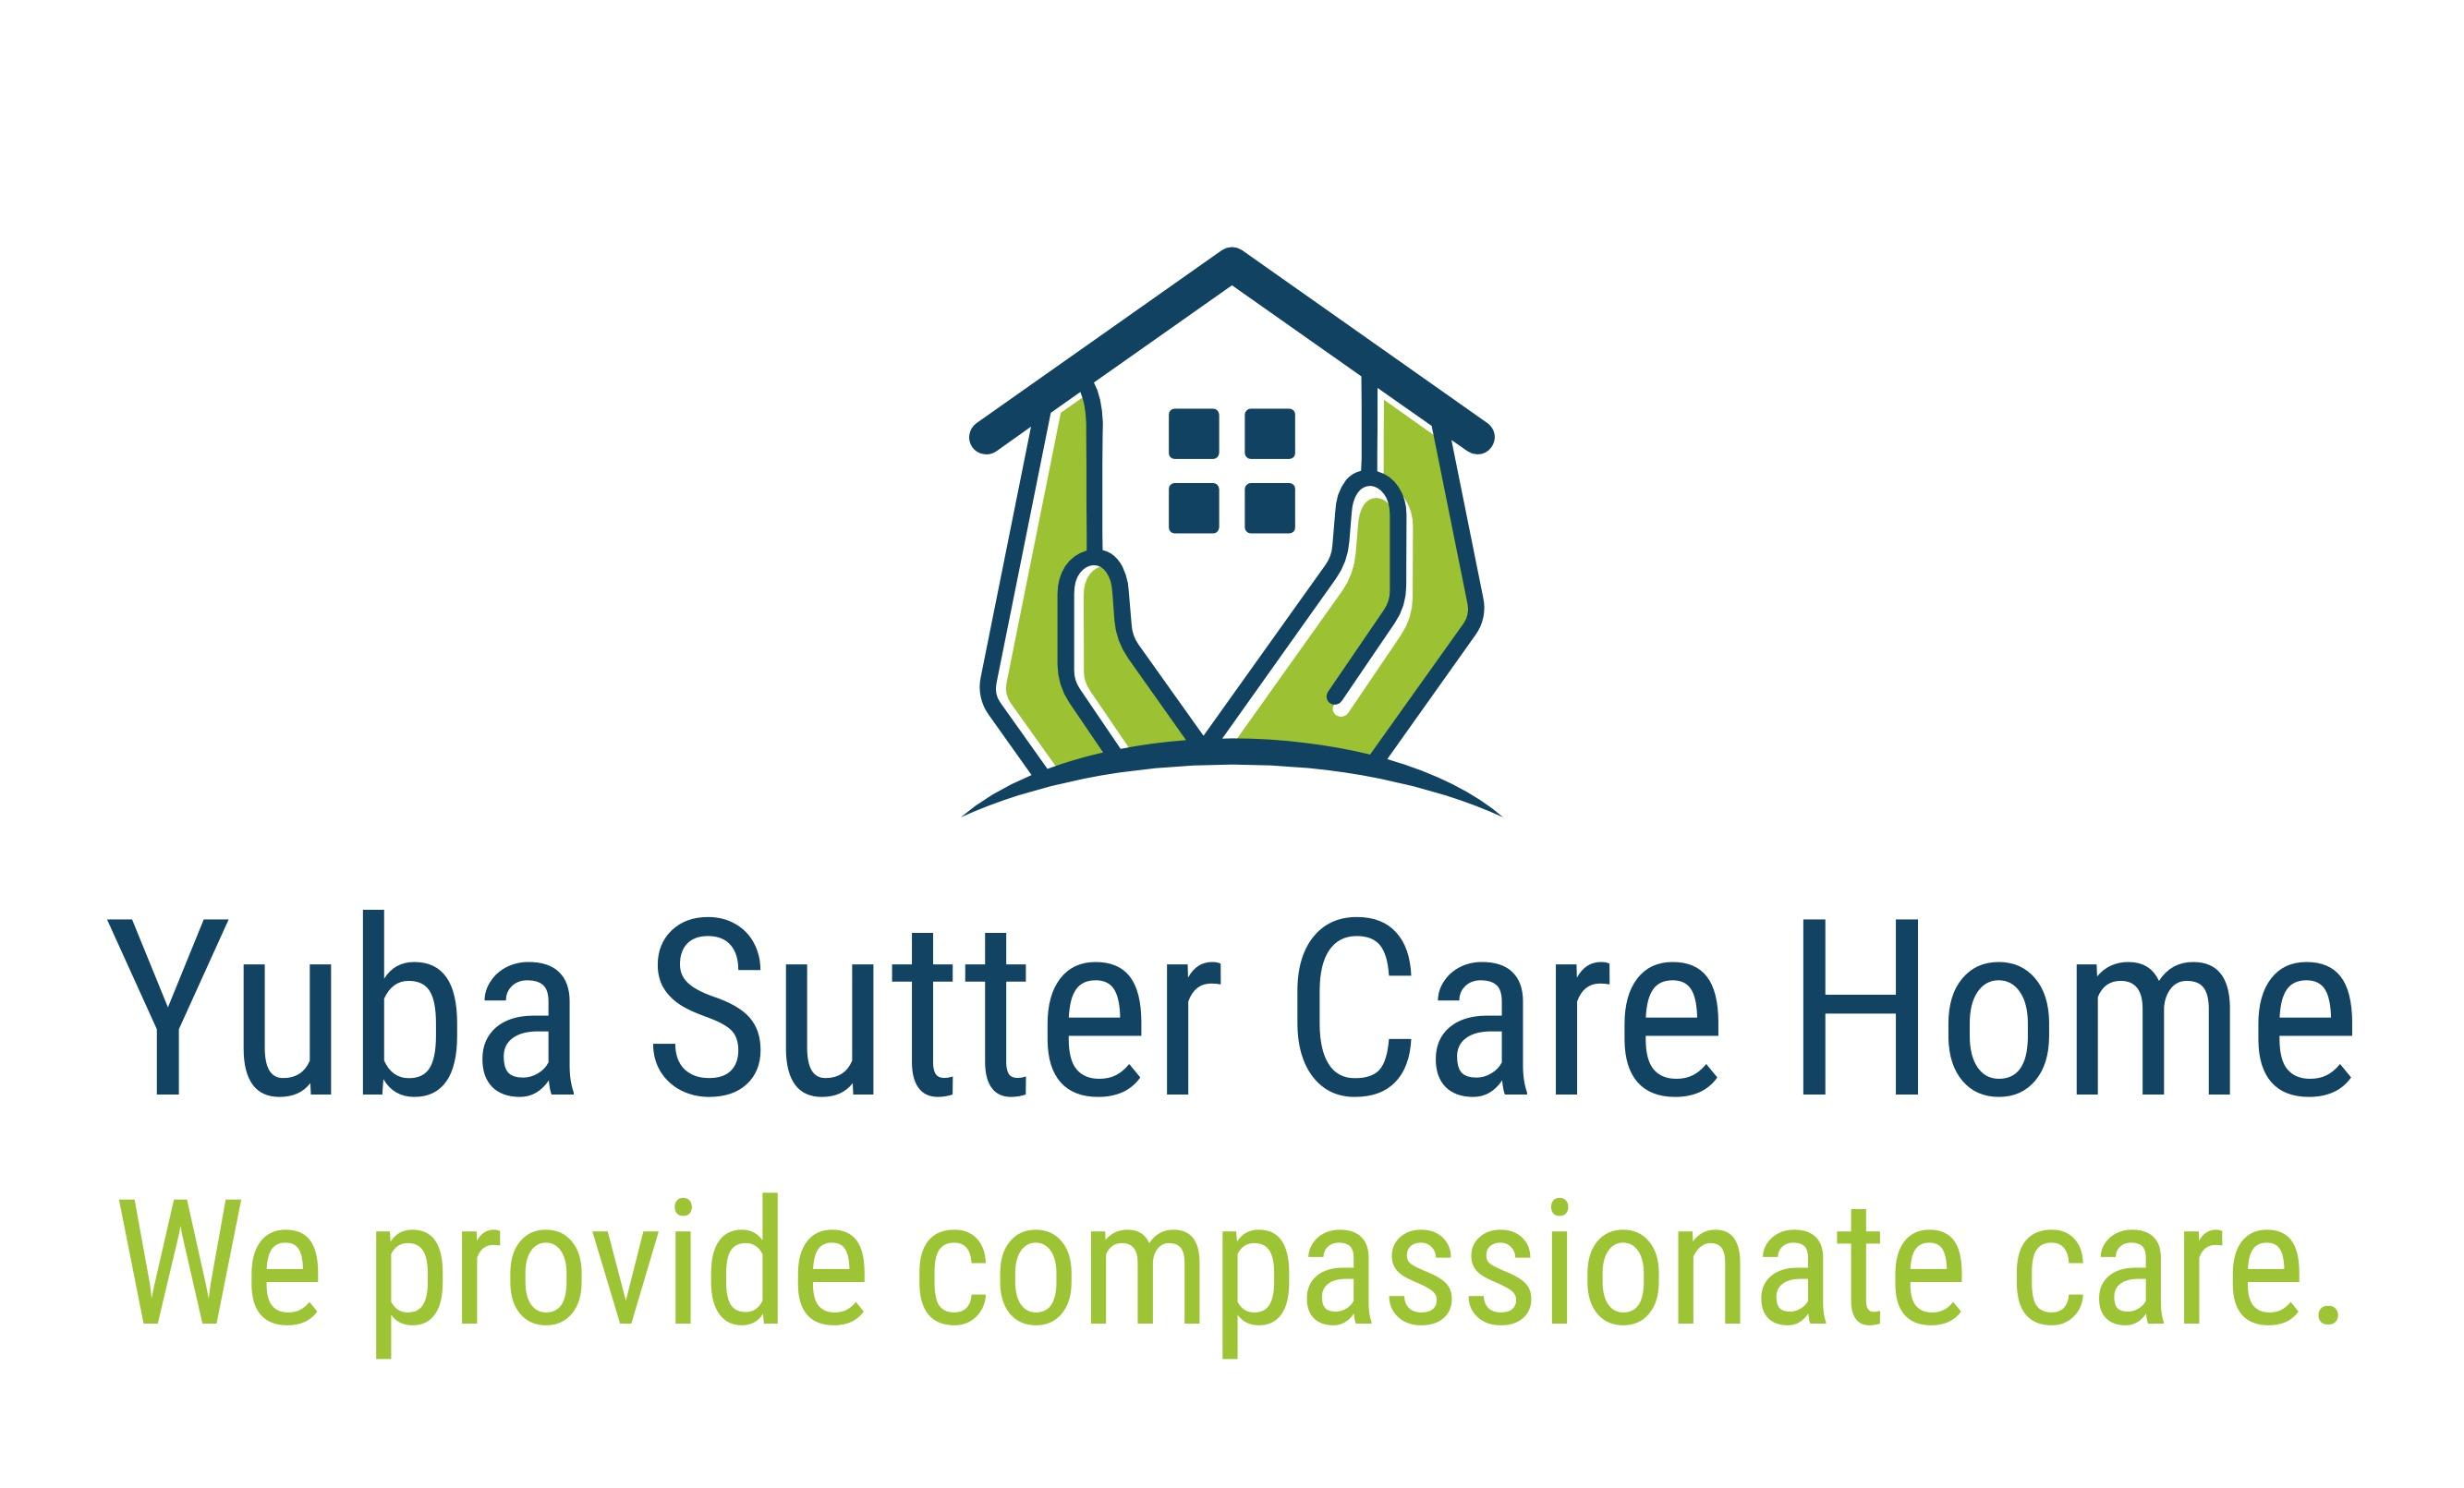 Yuba sutter care home - Yuba City, CA 95991 - (530)329-8222   ShowMeLocal.com